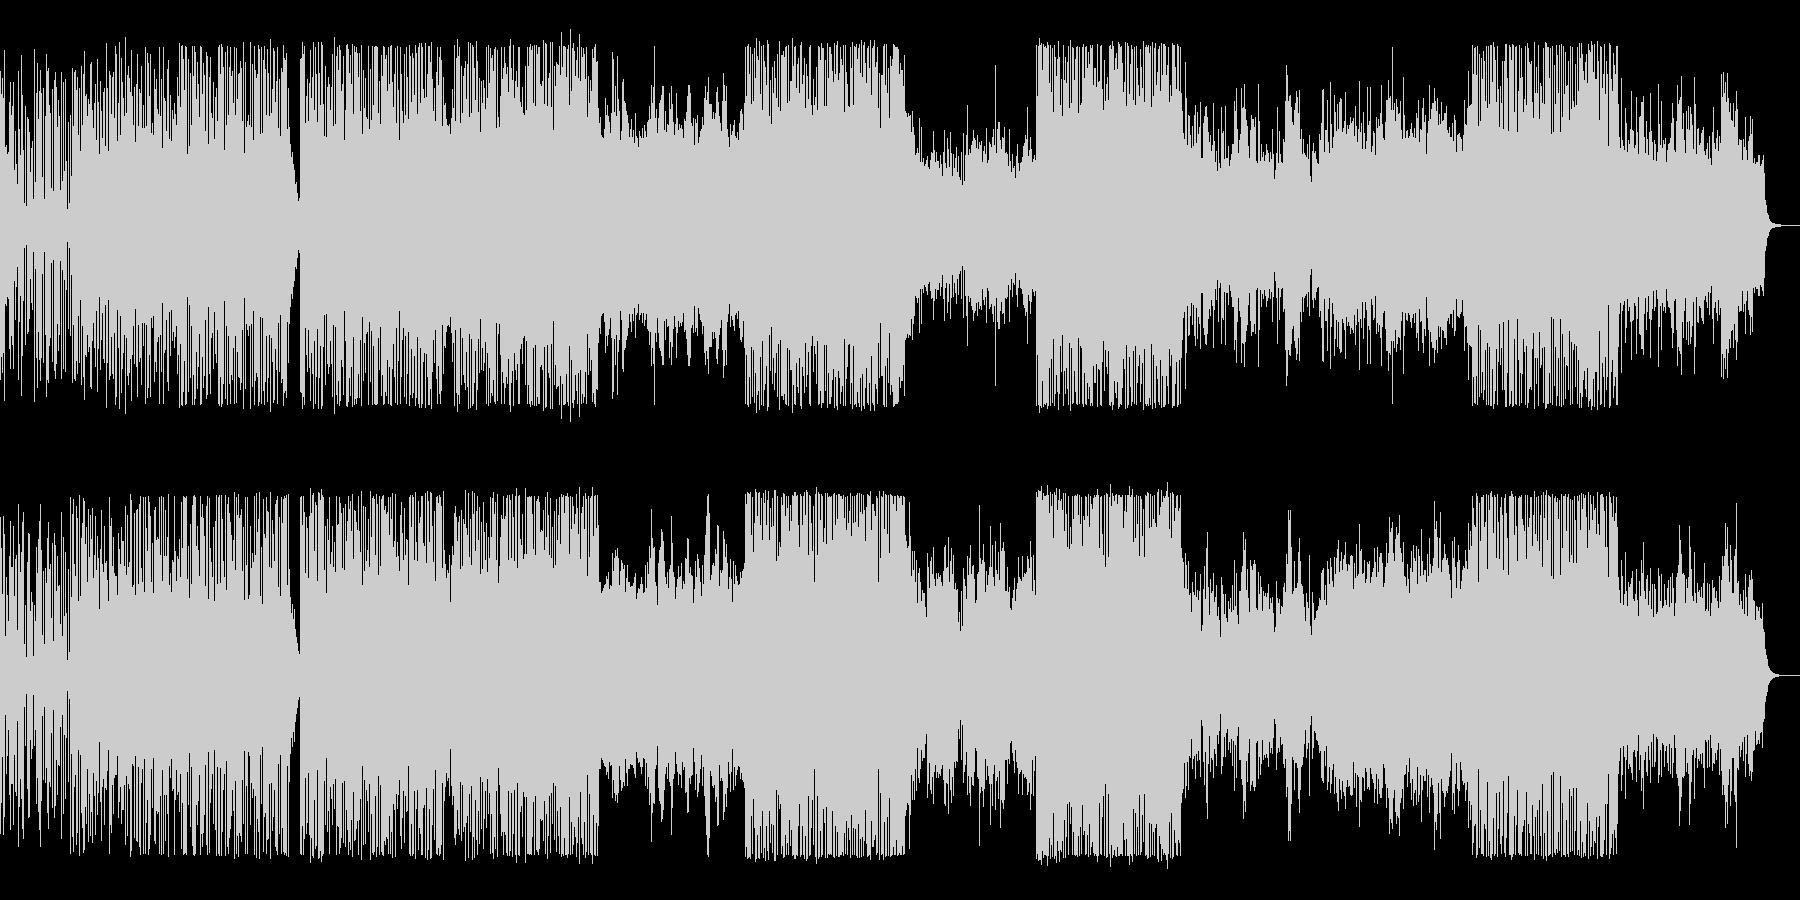 ビート感の強い破滅的で暴力的な電子音楽の未再生の波形